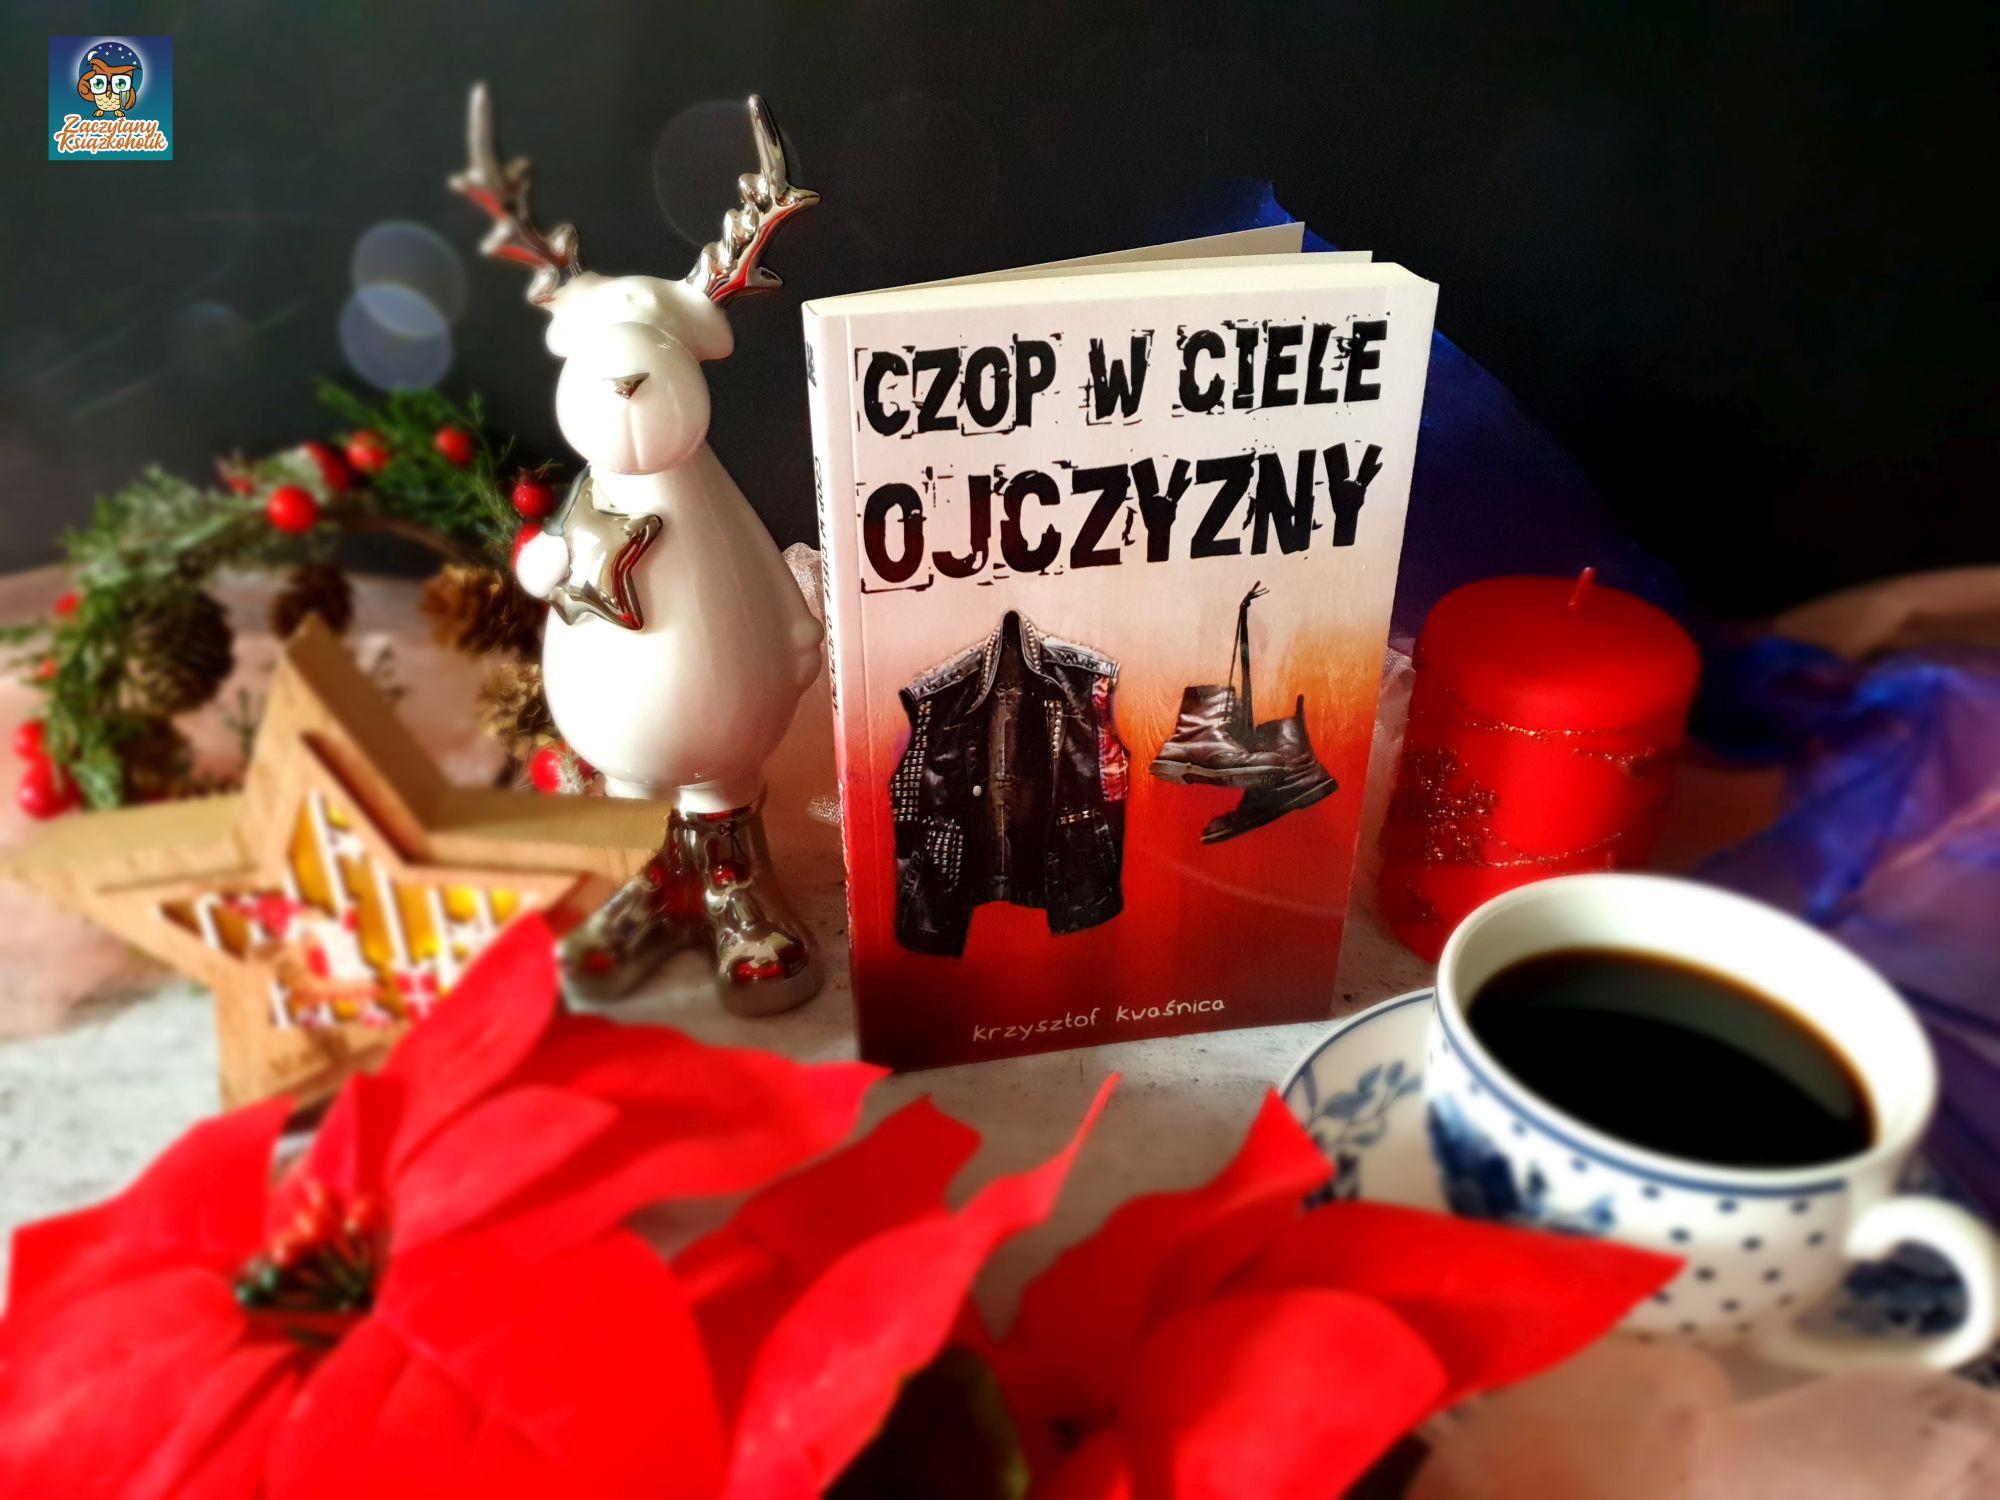 czop w ciele ojczyzny, Krzysztof Kwaśnica, zaczytanyksiazkoholik.pl